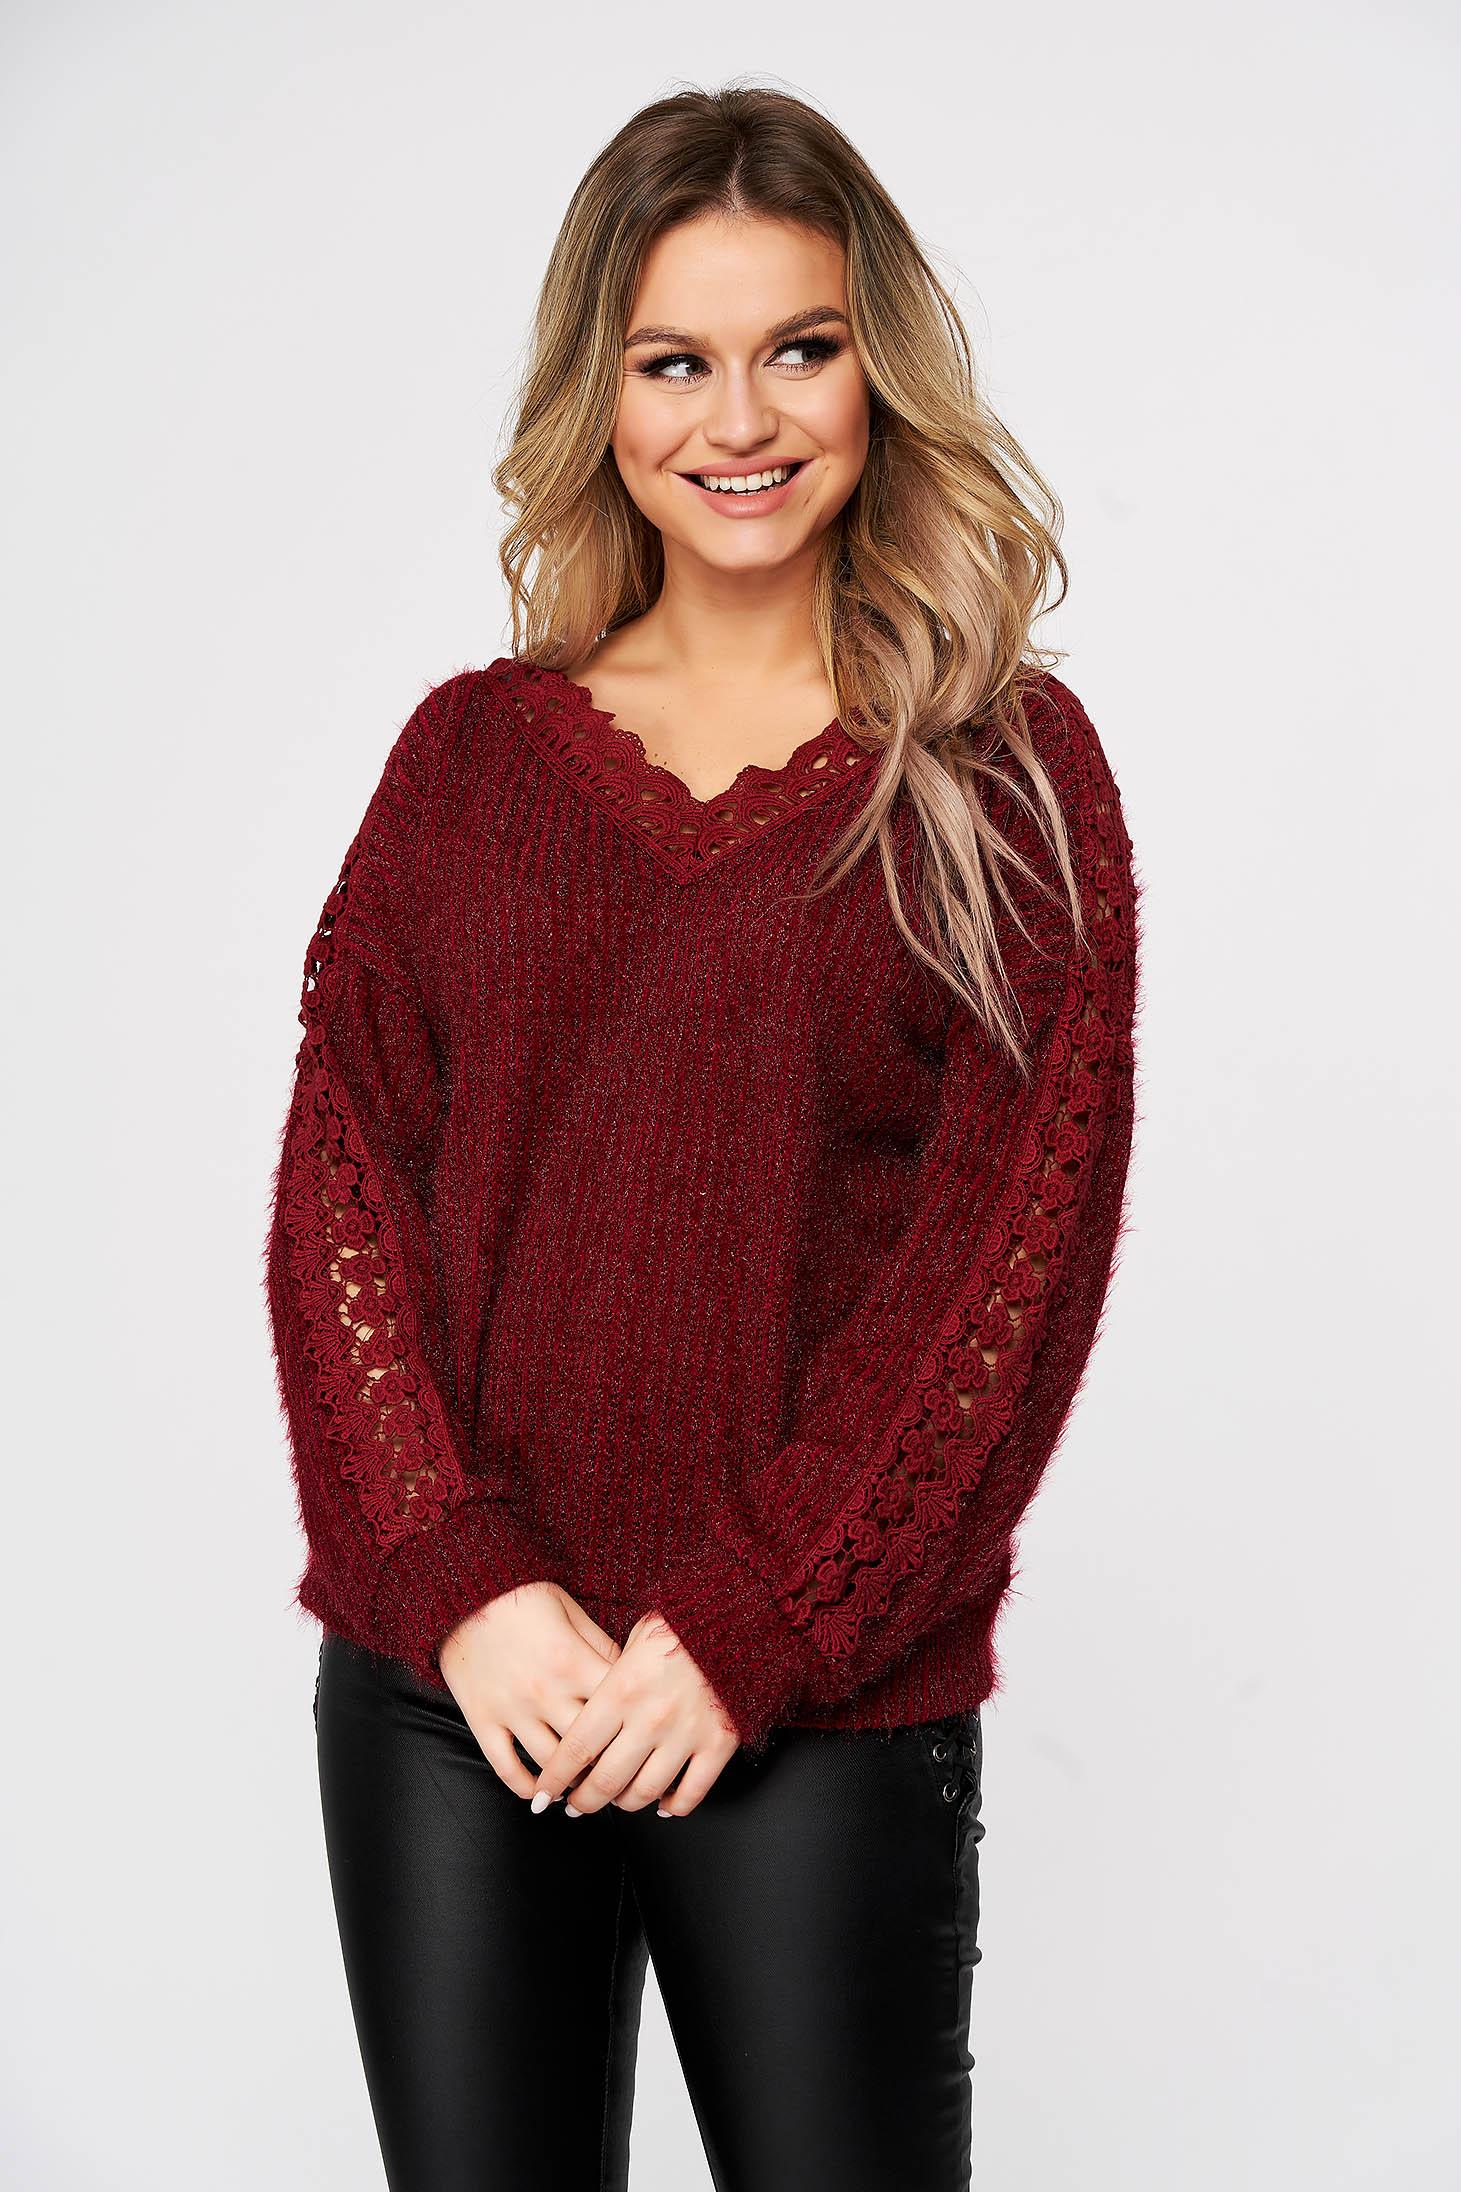 Pulover SunShine visiniu casual cu croi larg din material tricotat si aplicatii de dantela